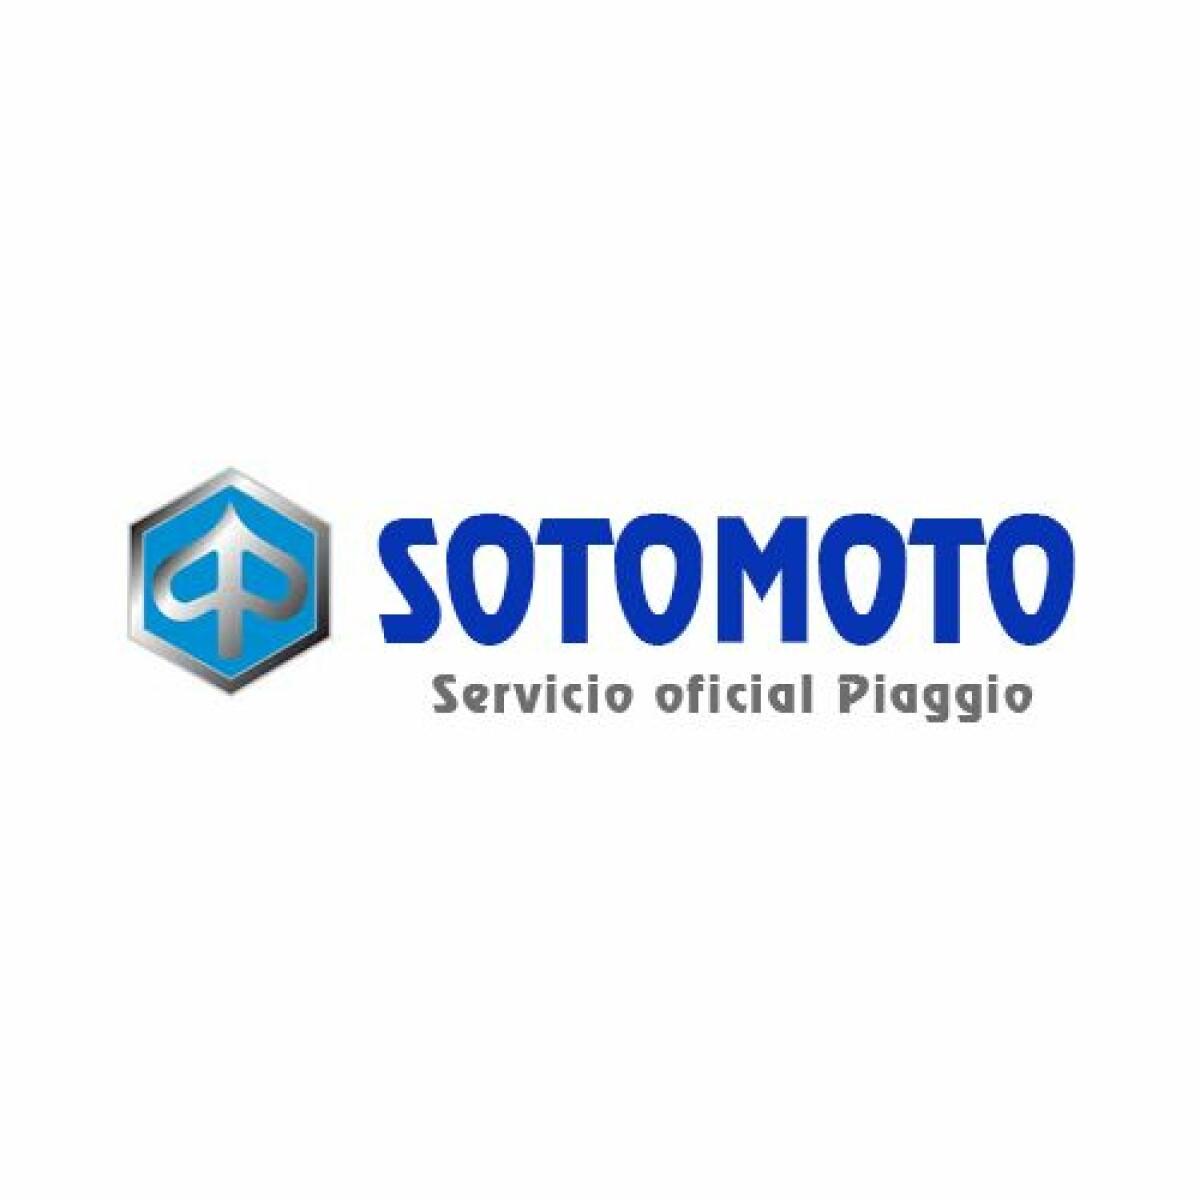 SOTOMOTO